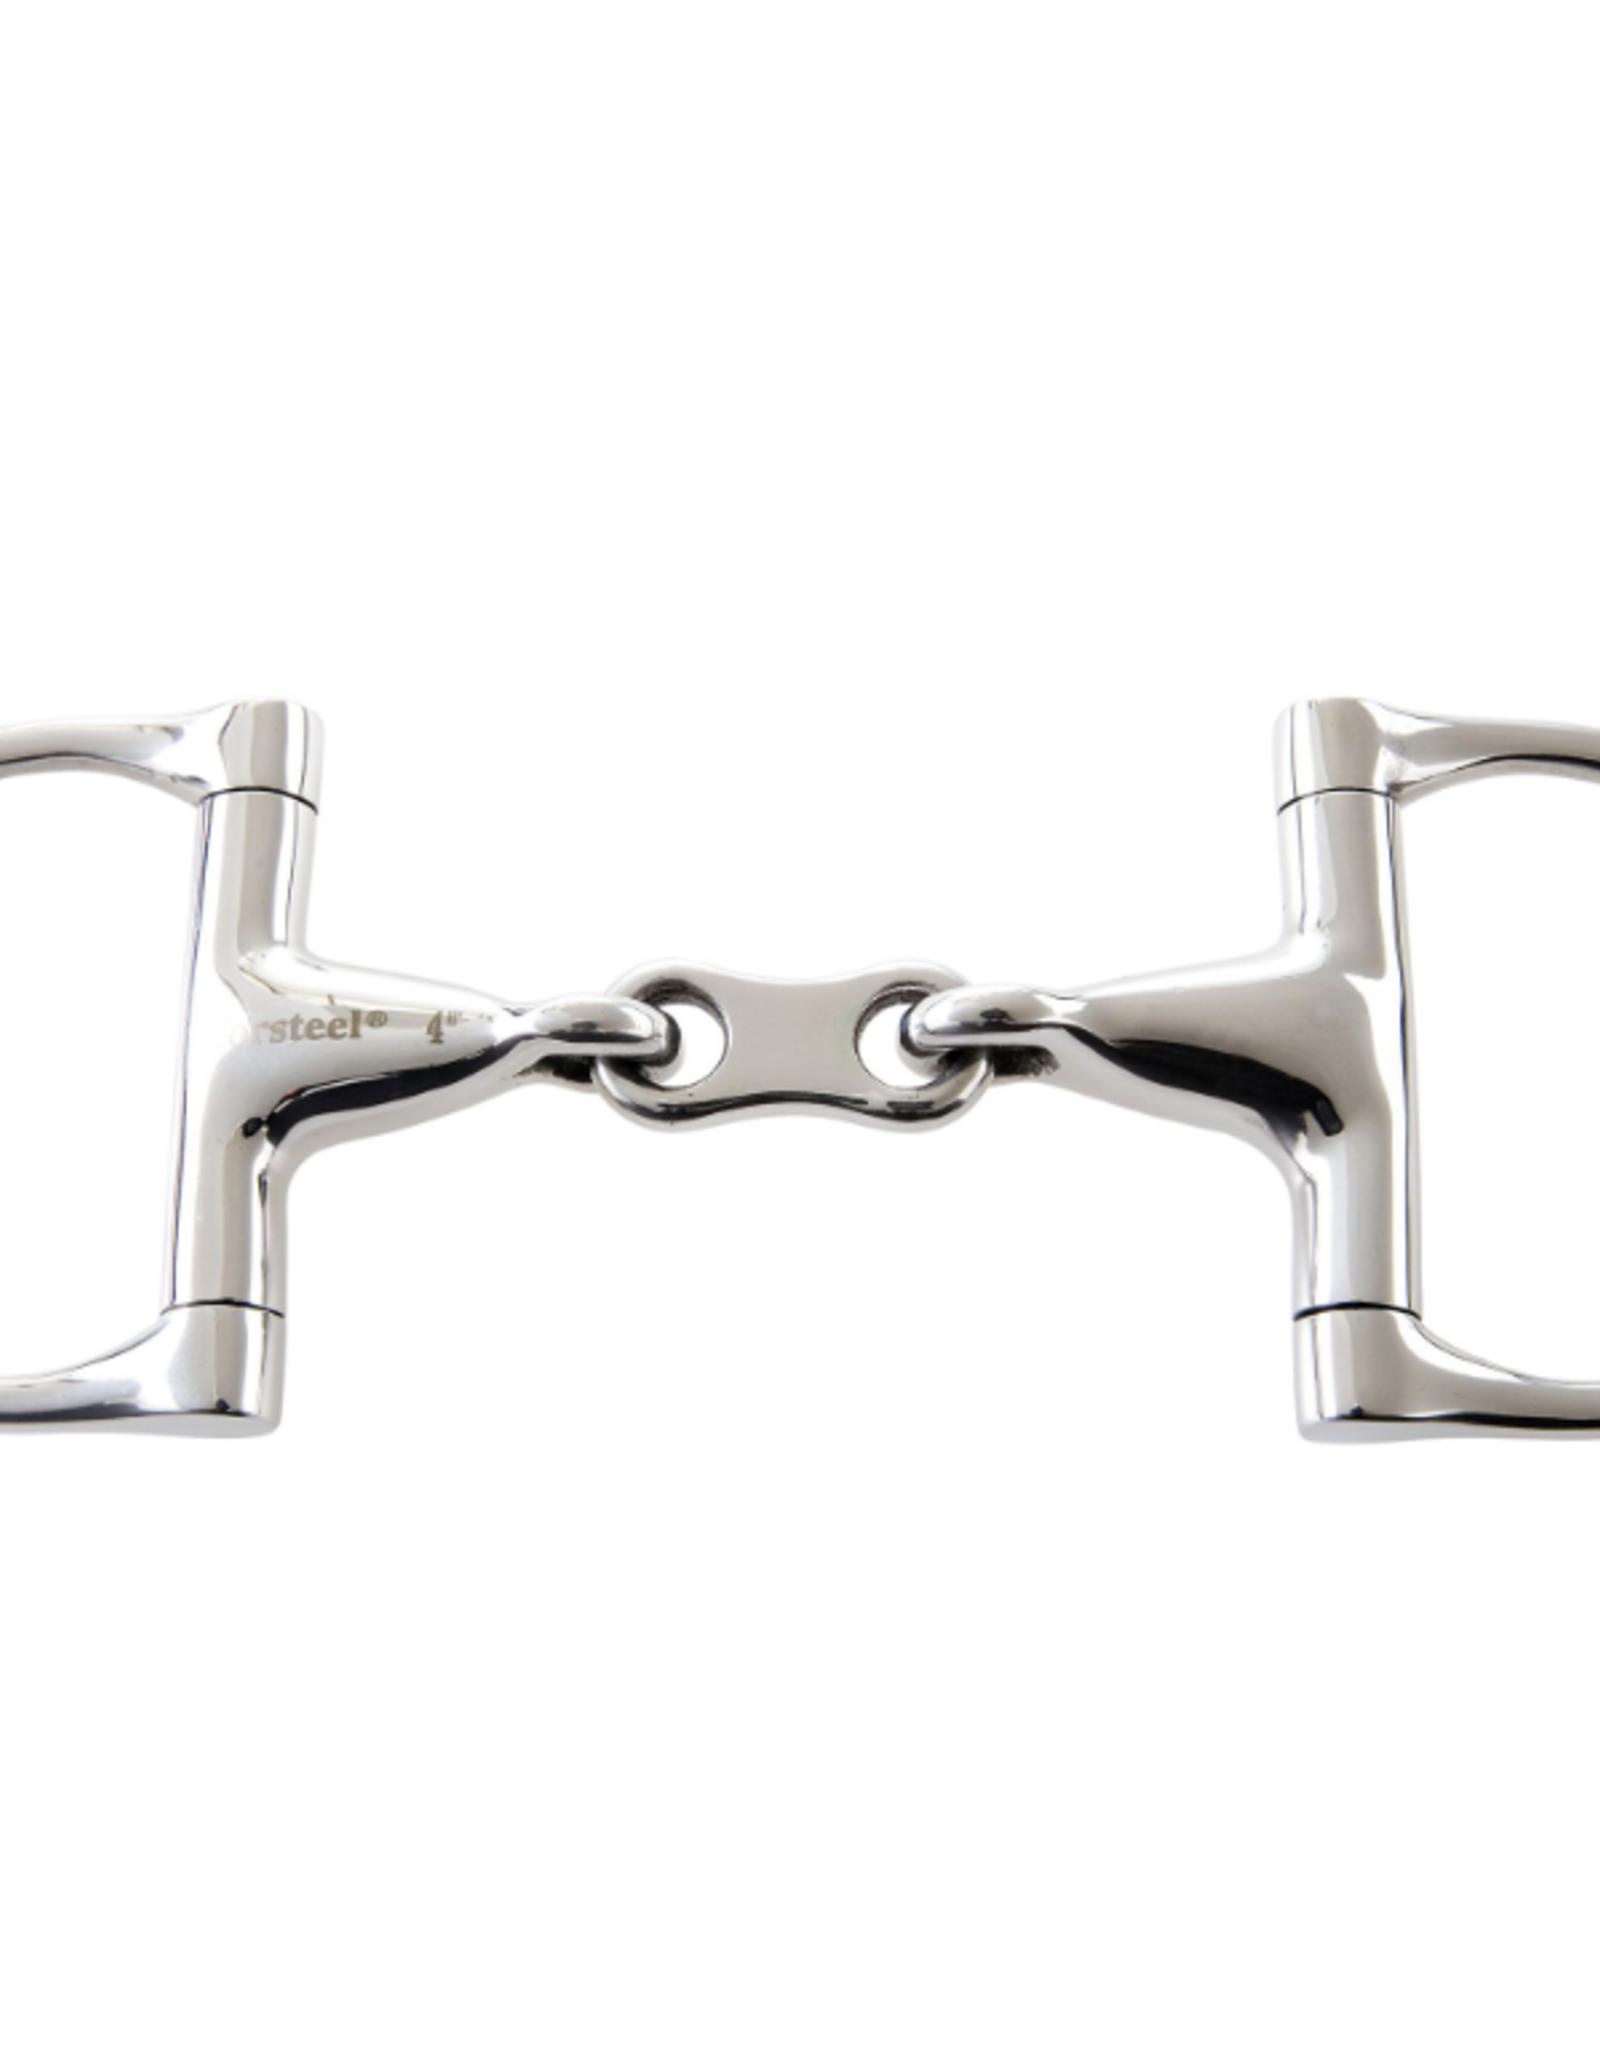 Korsteel Korsteel JP Double Jointed with French Link Dee Ring Bit